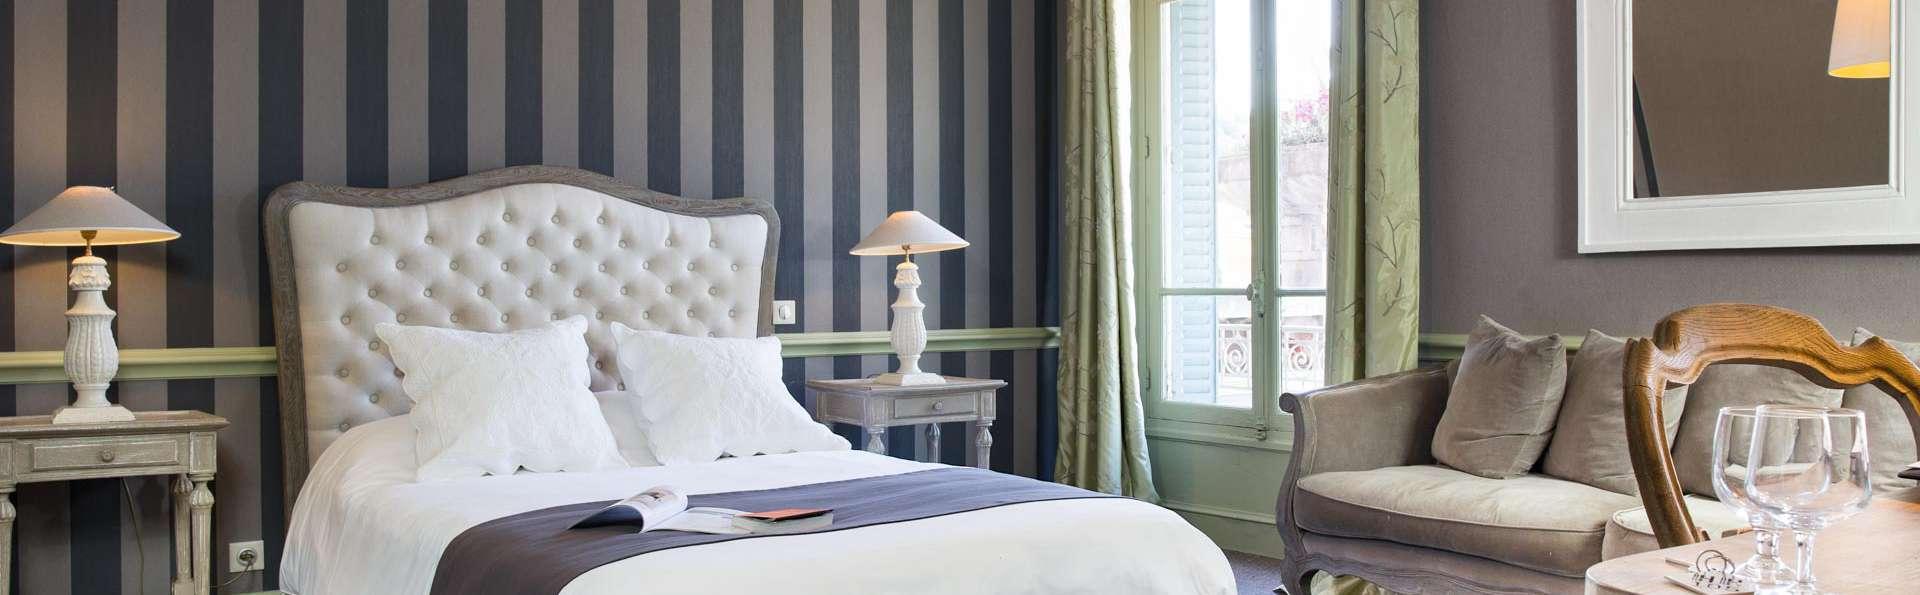 Hôtel Helvie - EDIT_ROOM_32.jpg